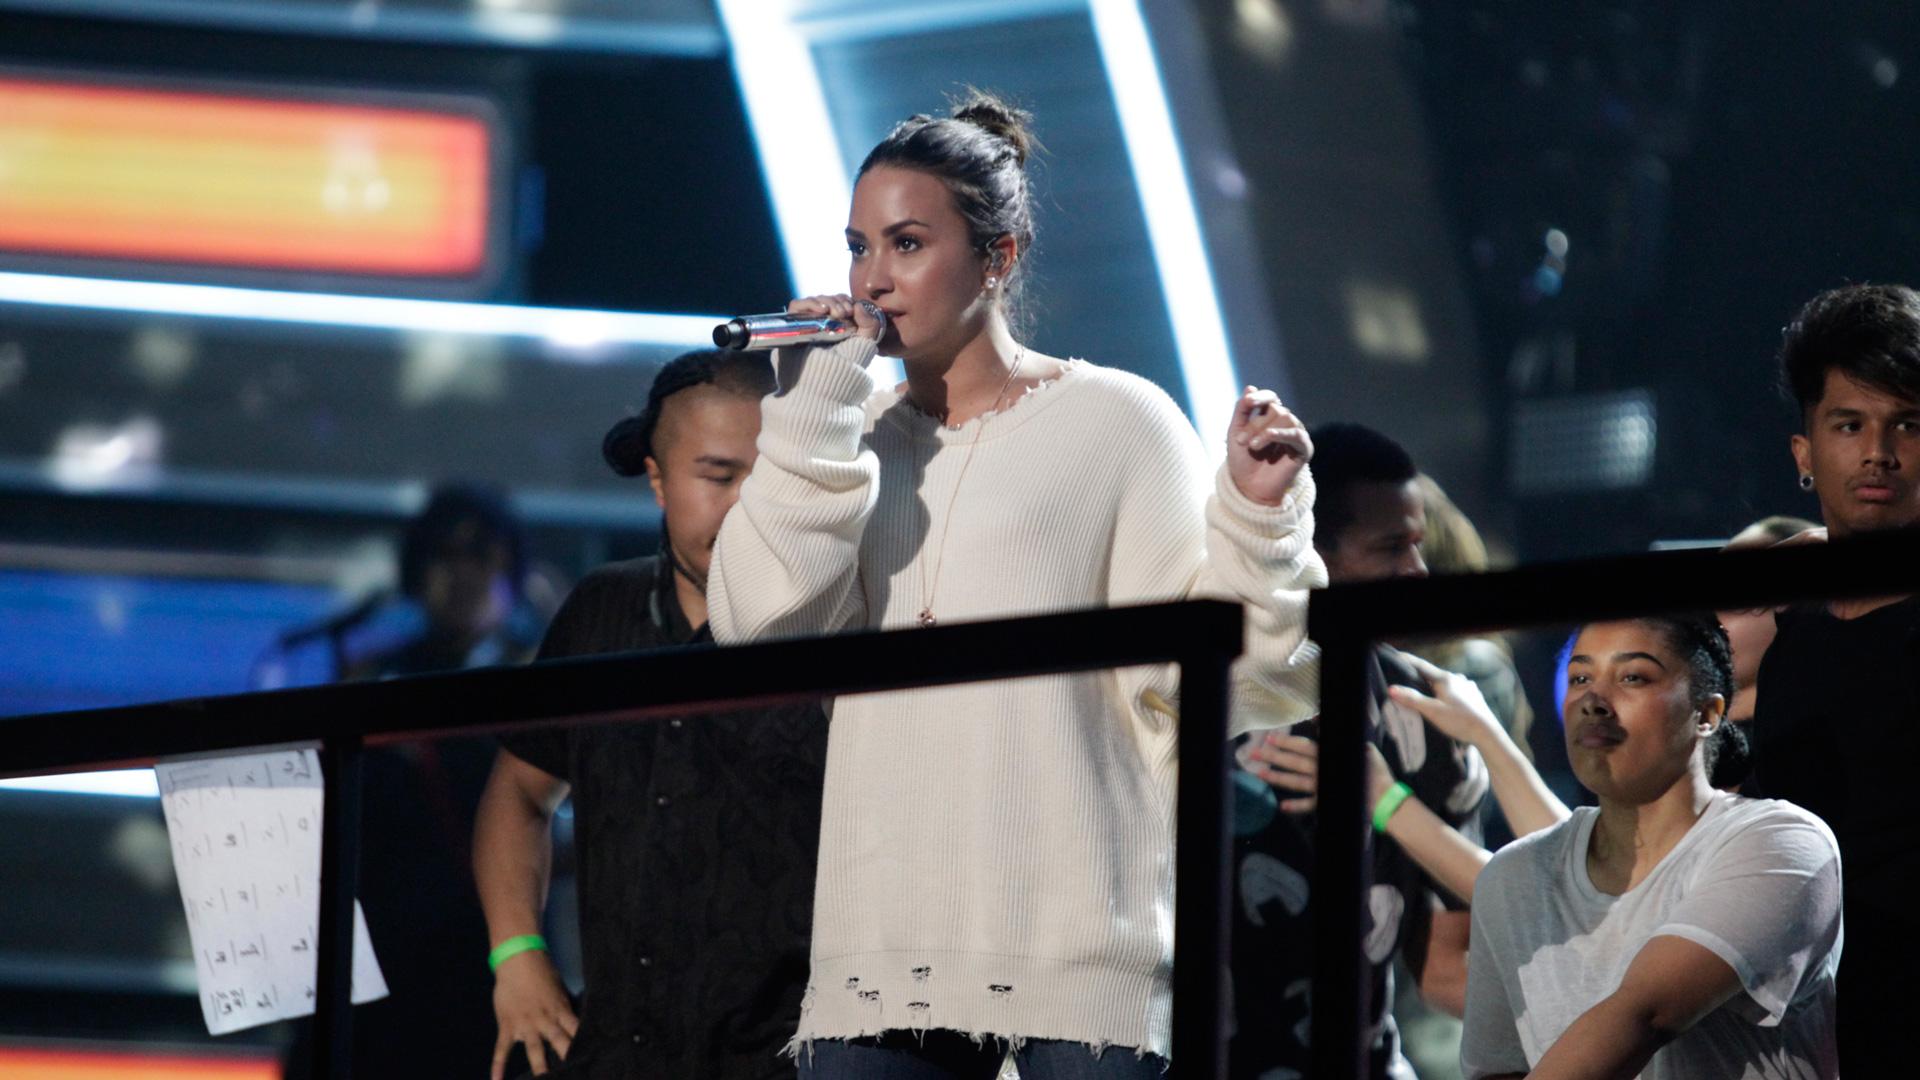 Best Pop Vocal Album nominee Demi Lovato rehearses in a cozy white sweater.